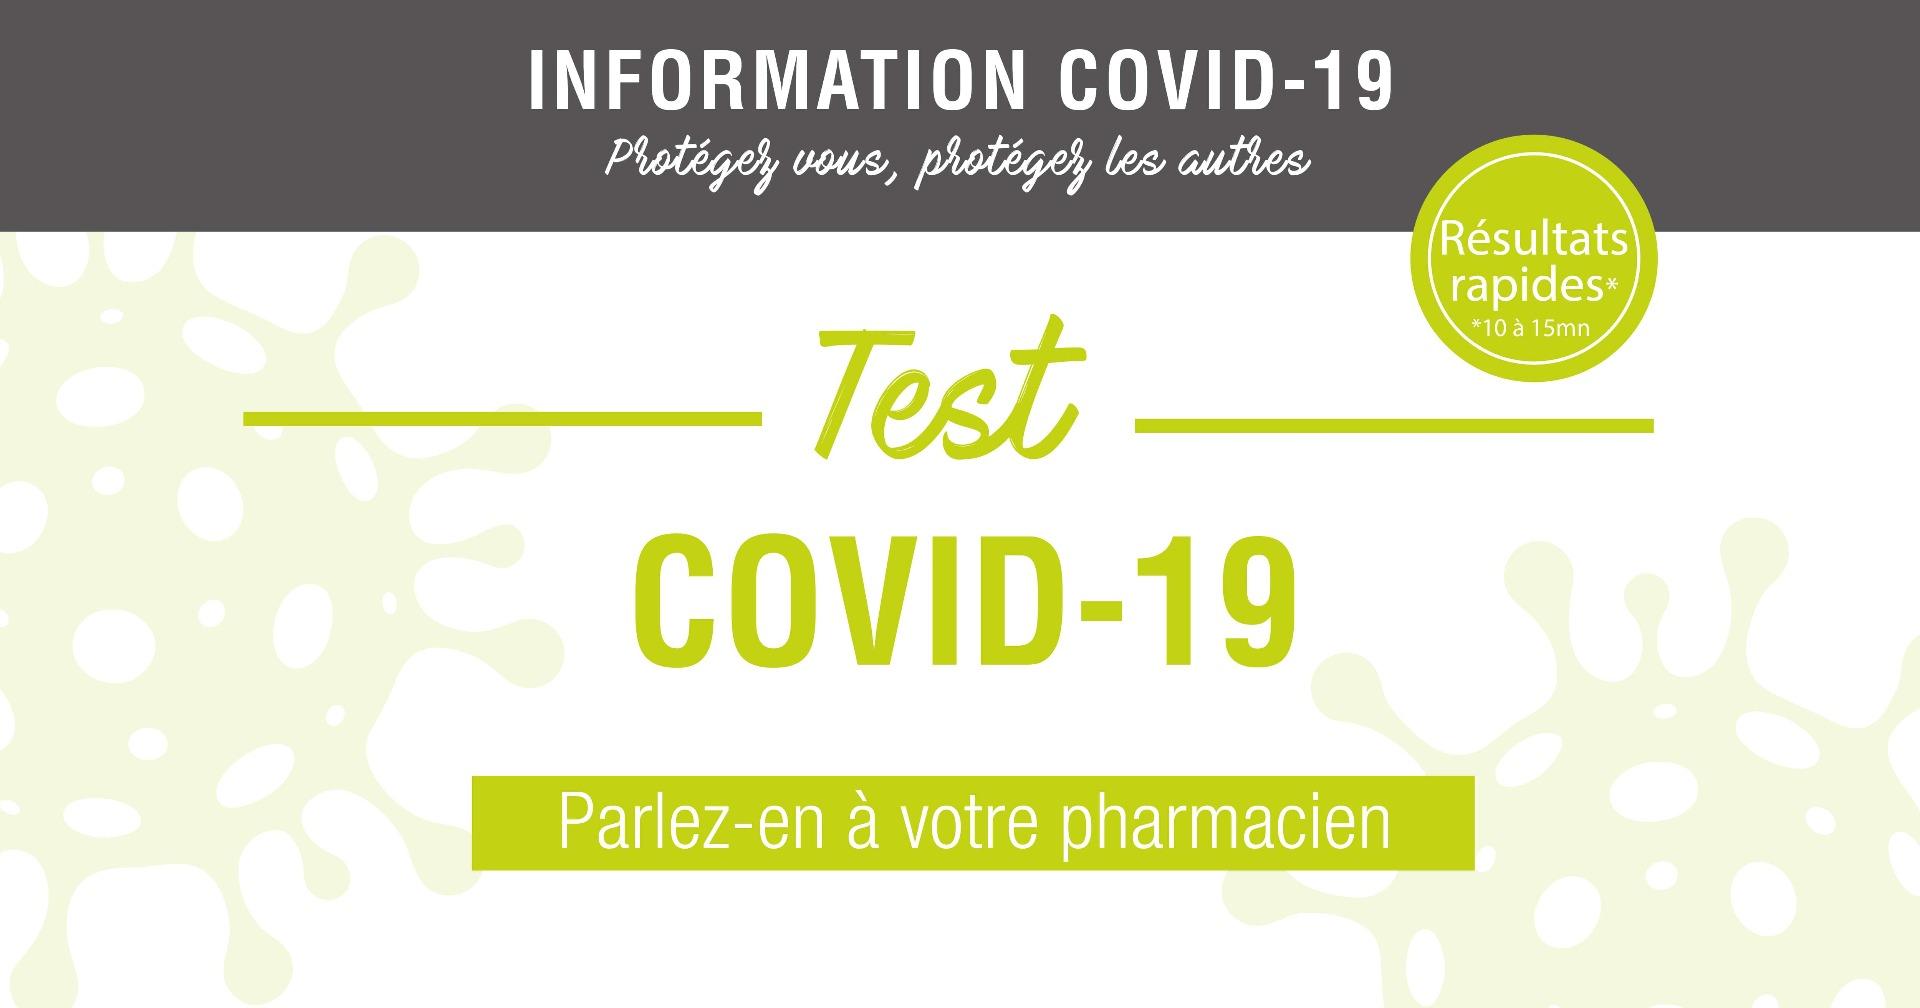 Le Test Covid-19